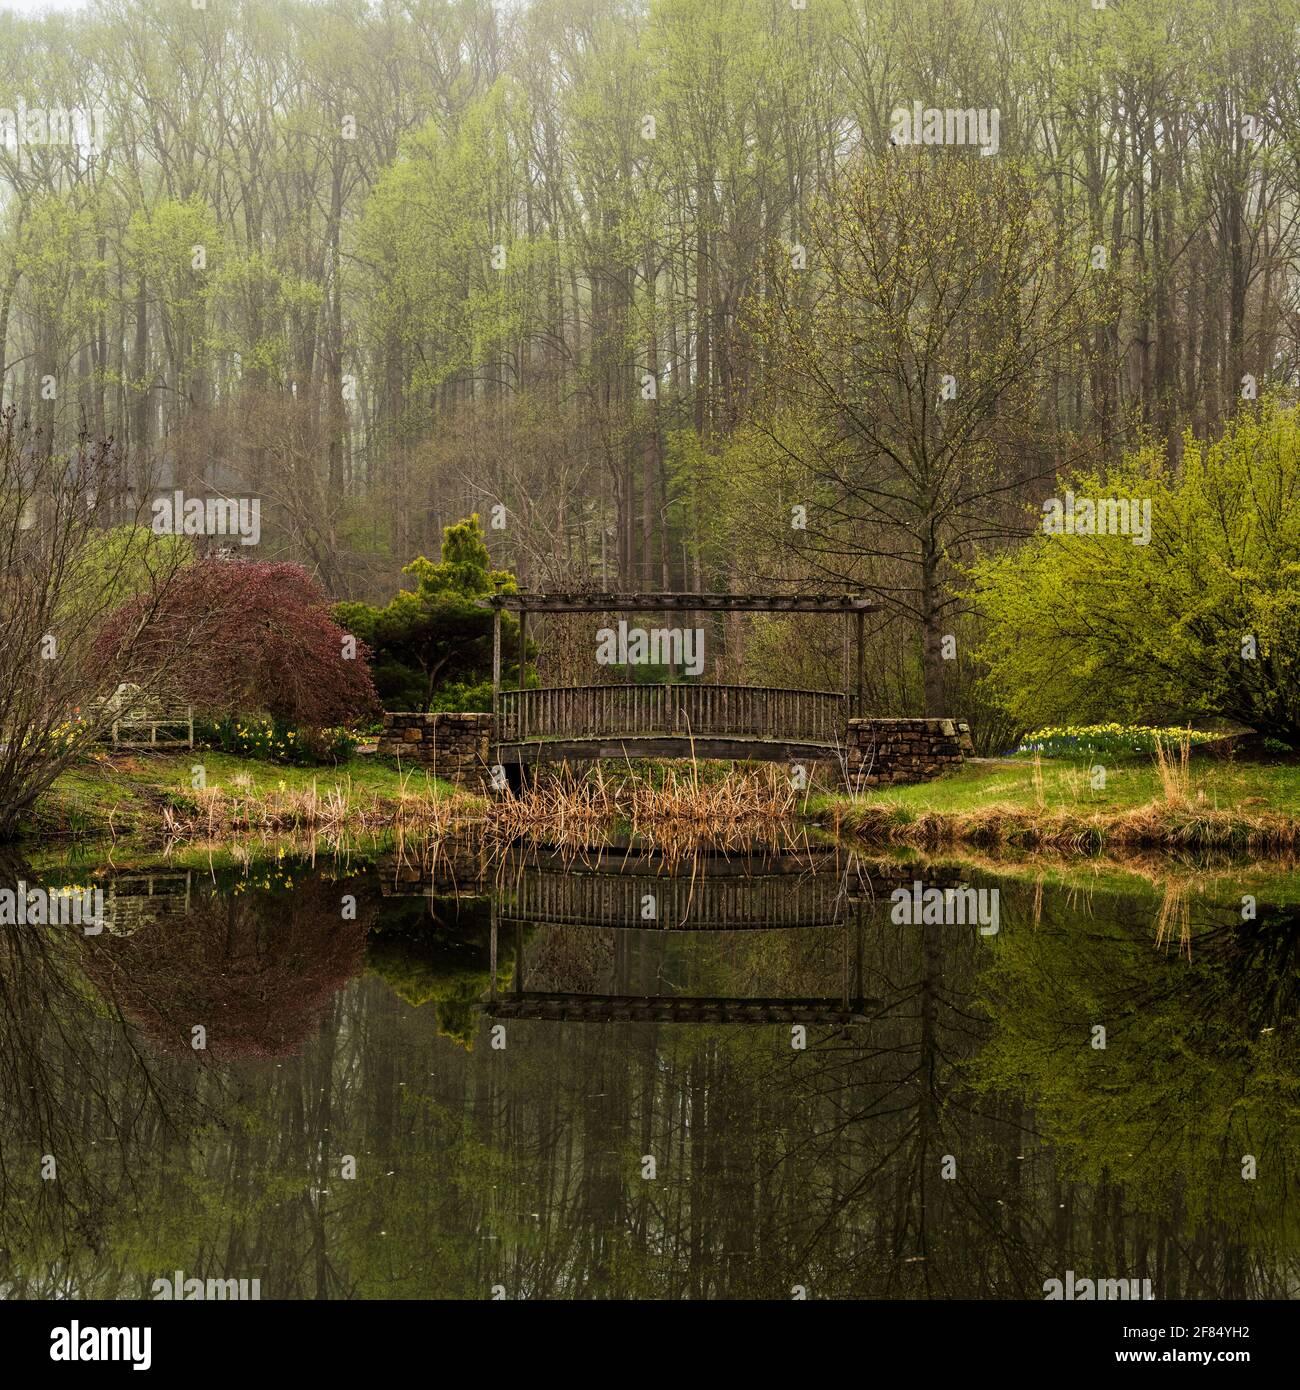 Una foto en formato cuadrado de un pequeño puente de madera sobre un estanque con árboles altos en el fondo en una mañana niebla. Foto de stock